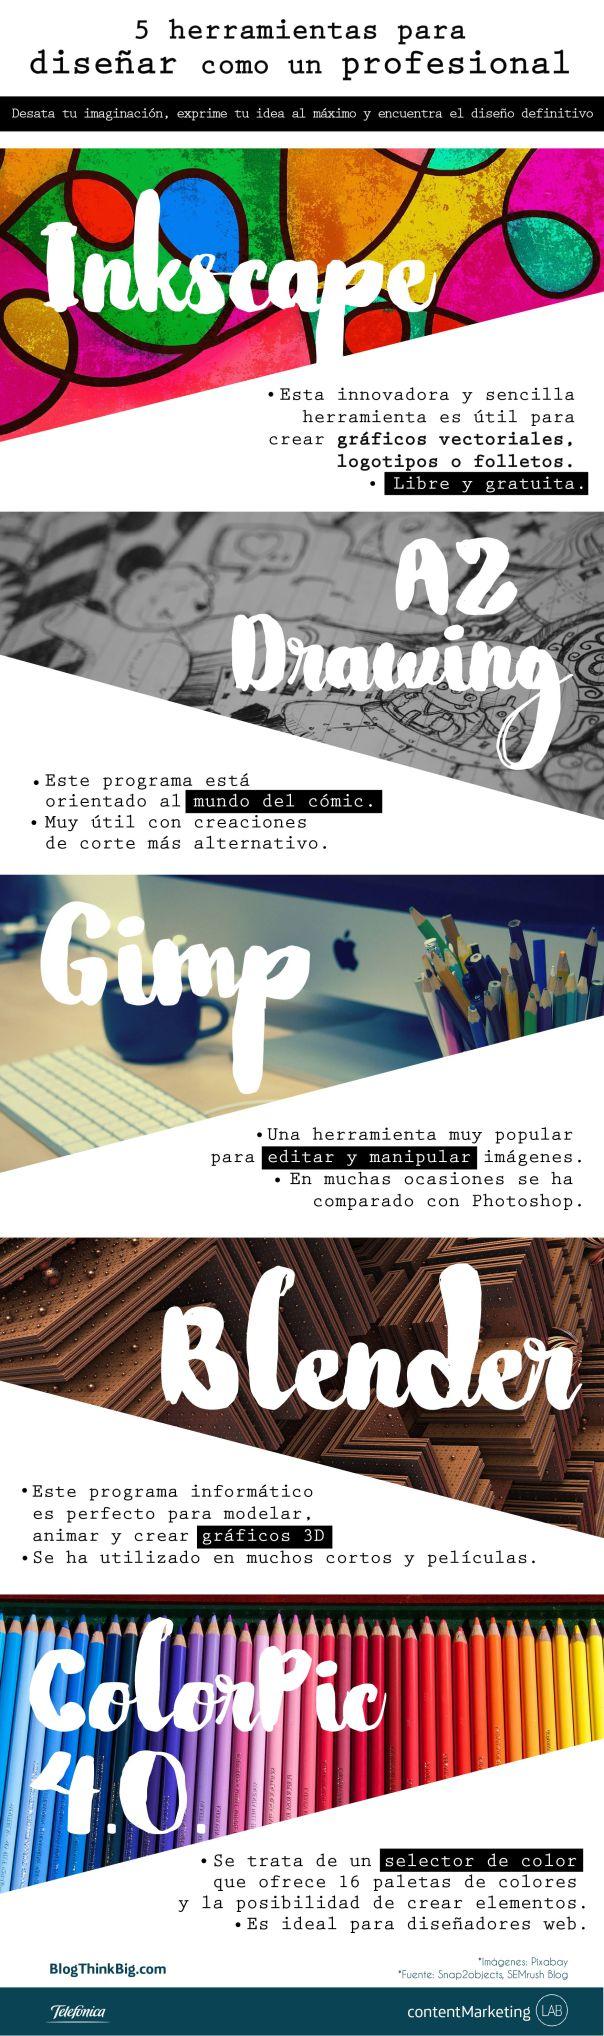 5-herramientas-diseno-profesional-infografia